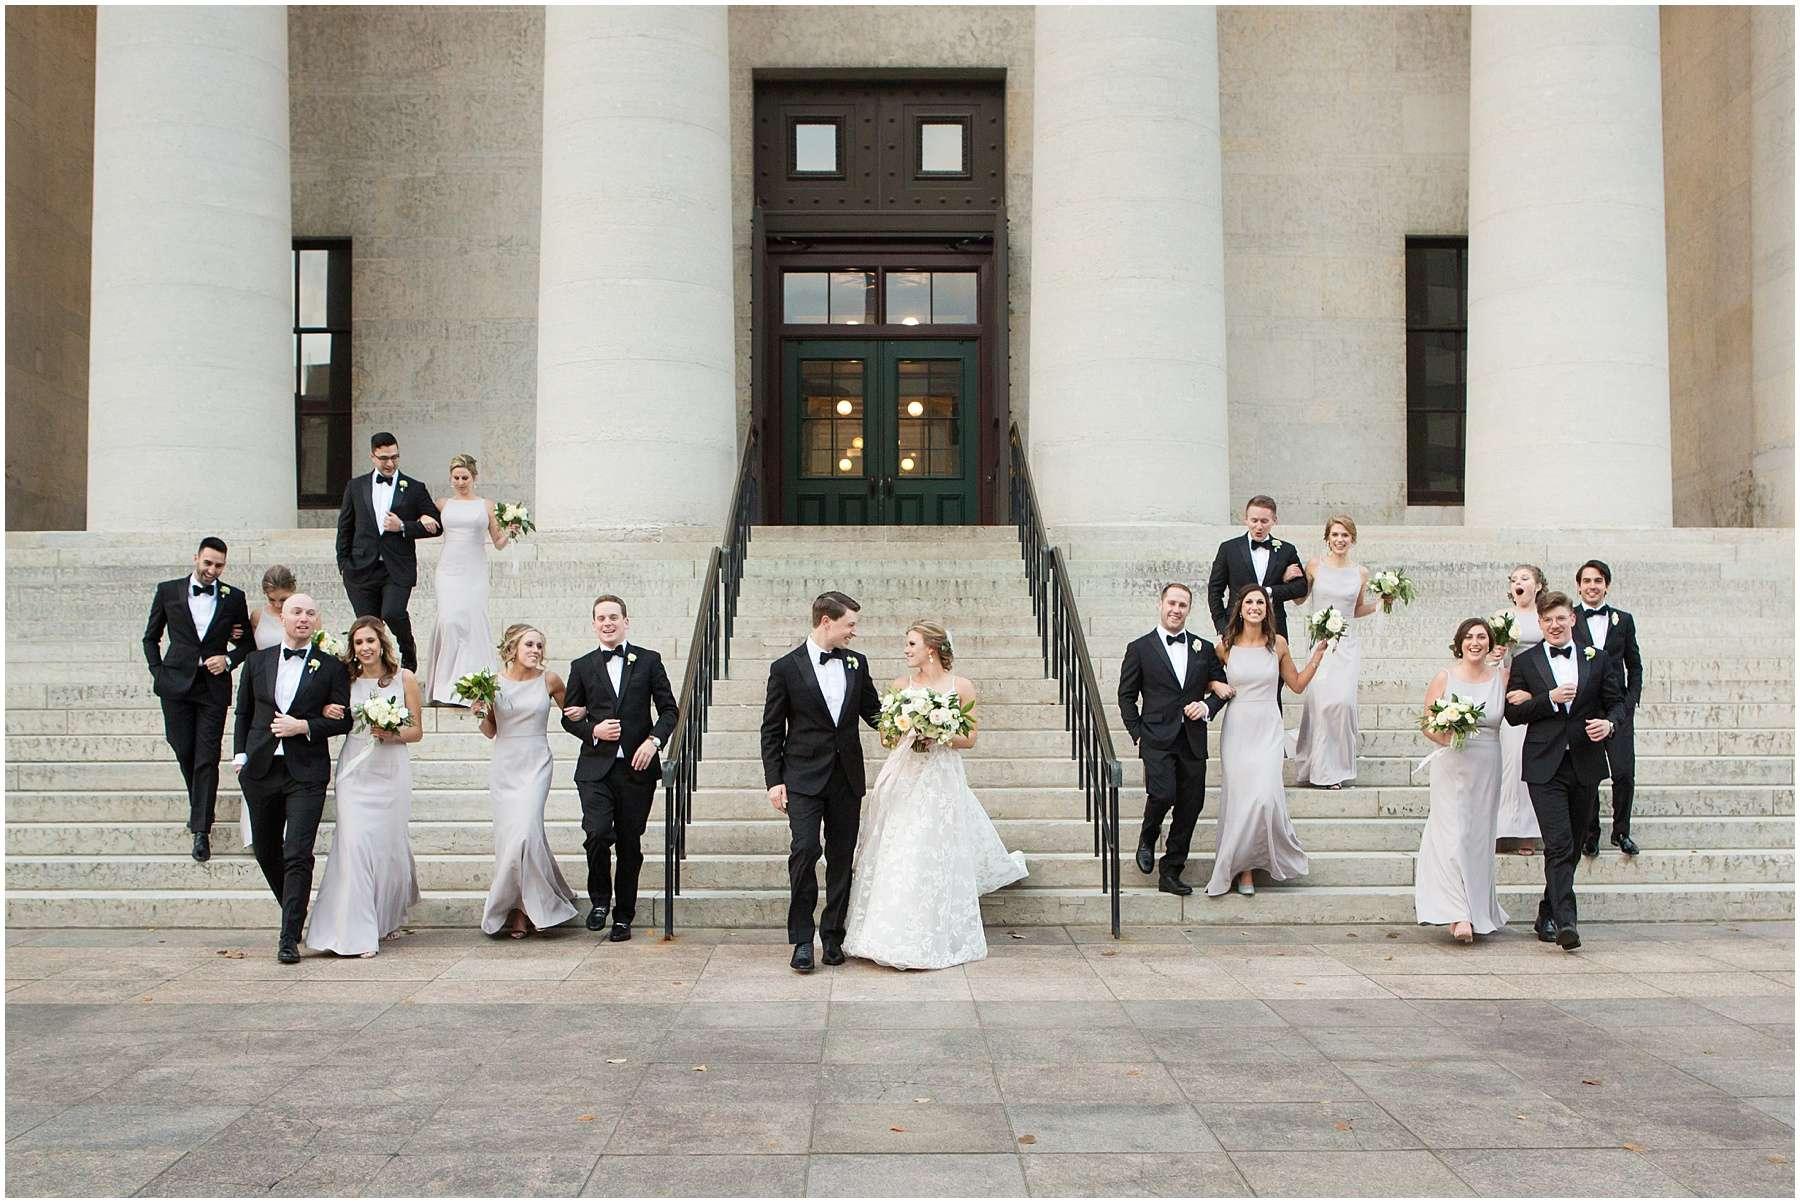 Wedding at the Ohio Statehouse | Columbus Ohio Weddings 152